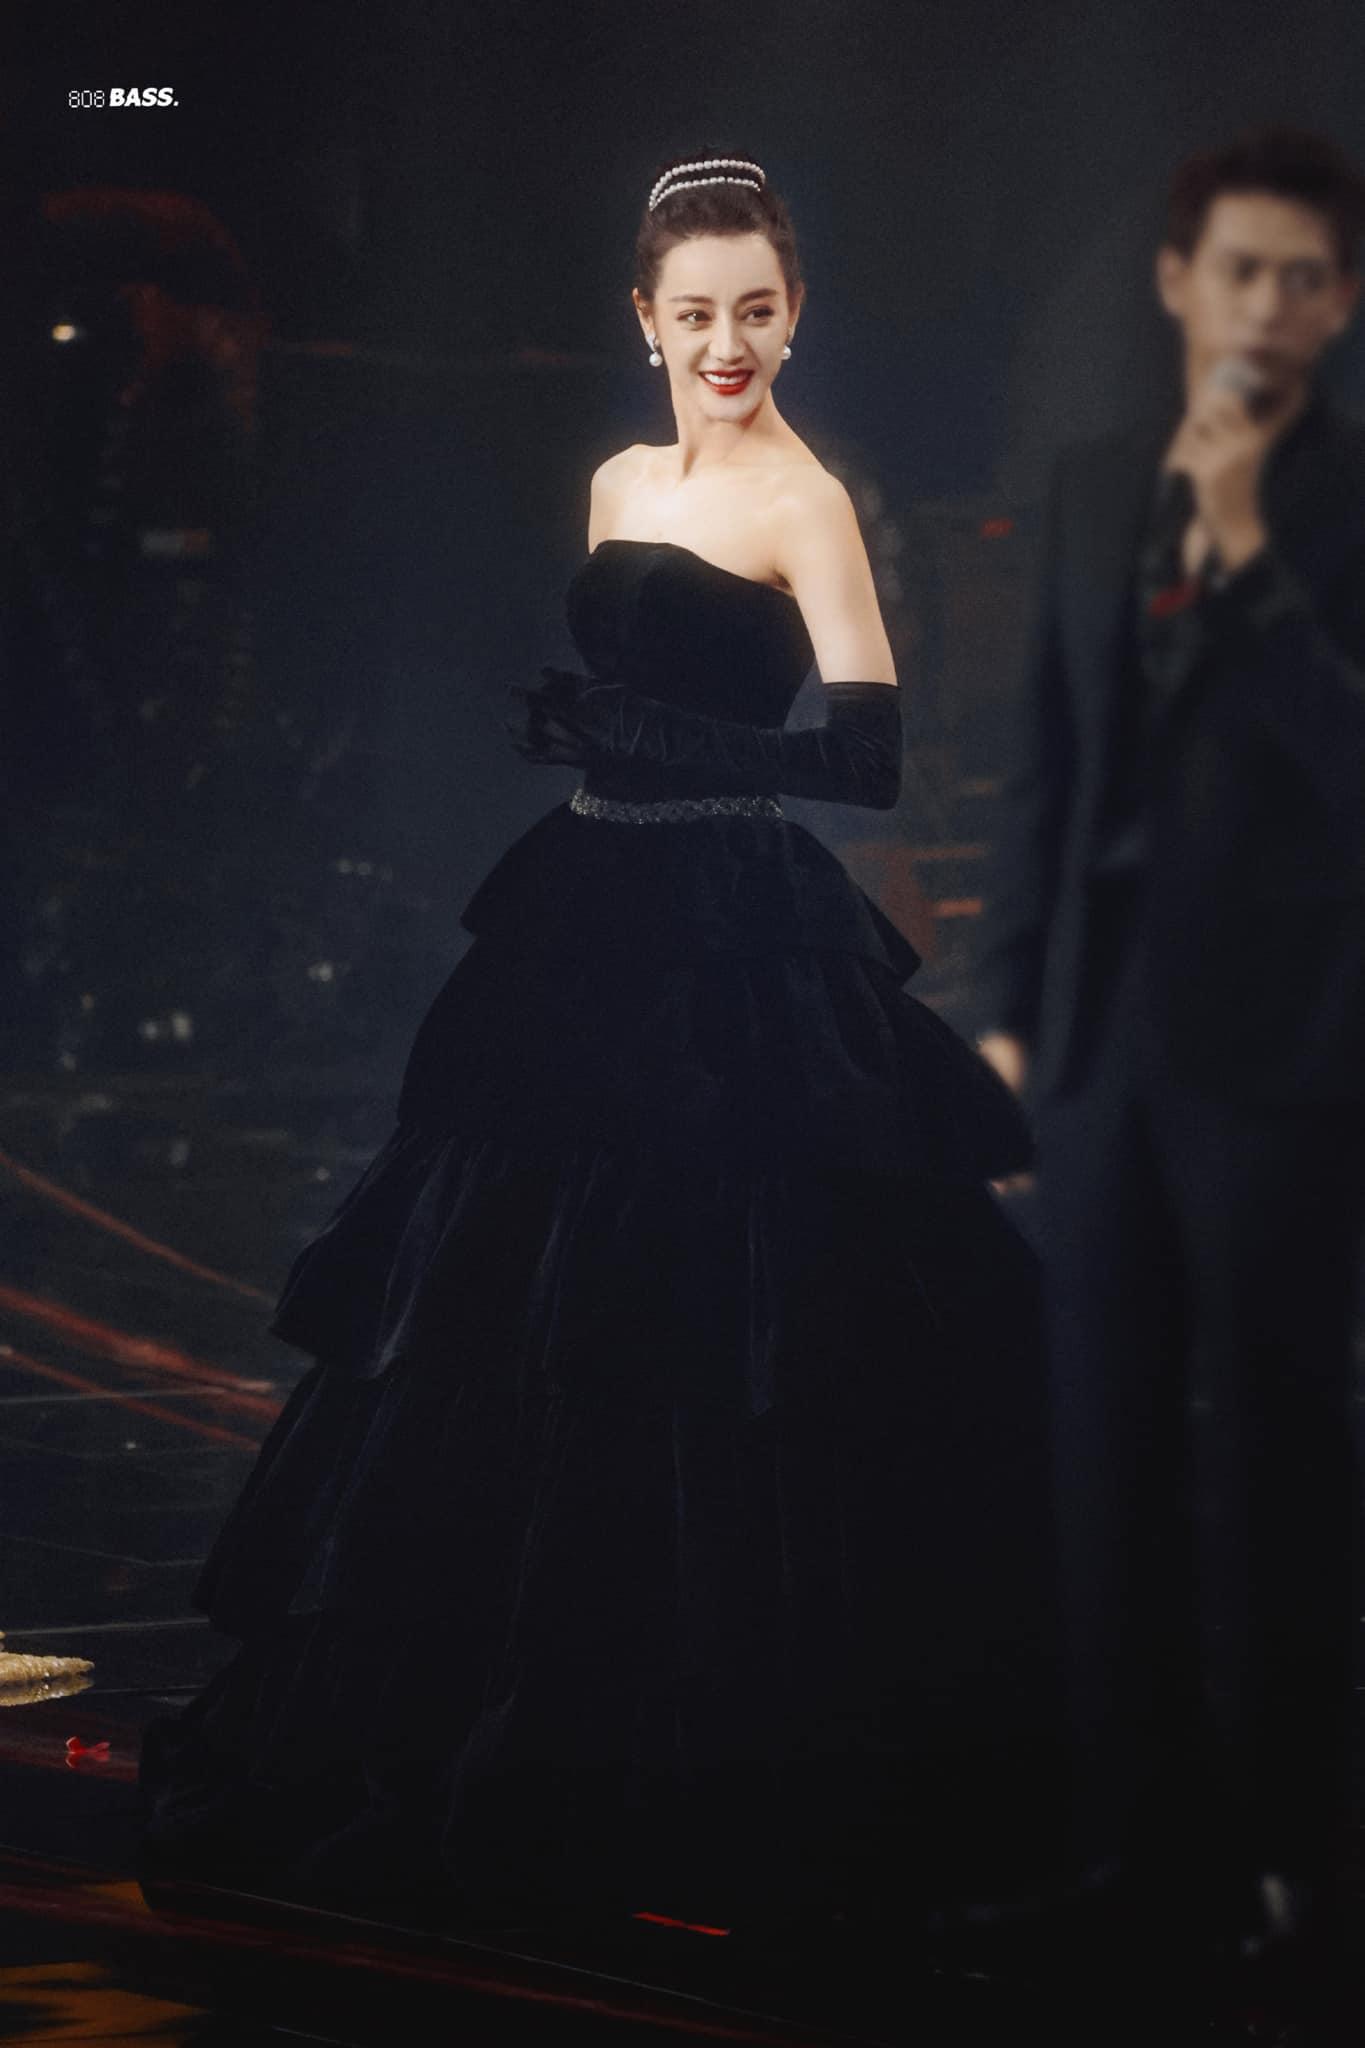 Nữ diễn viên khiến nhiều người trầm trồ khi diện chiếc váy nhung đen dáng quây đi kèm găng tay đầy cổ điển. Kiểu tóc búi cùng chuỗi vòng ngọc trai đầy tinh tế giúp khoe trọn vẹn bờ vai thanh thoát của người đẹp.